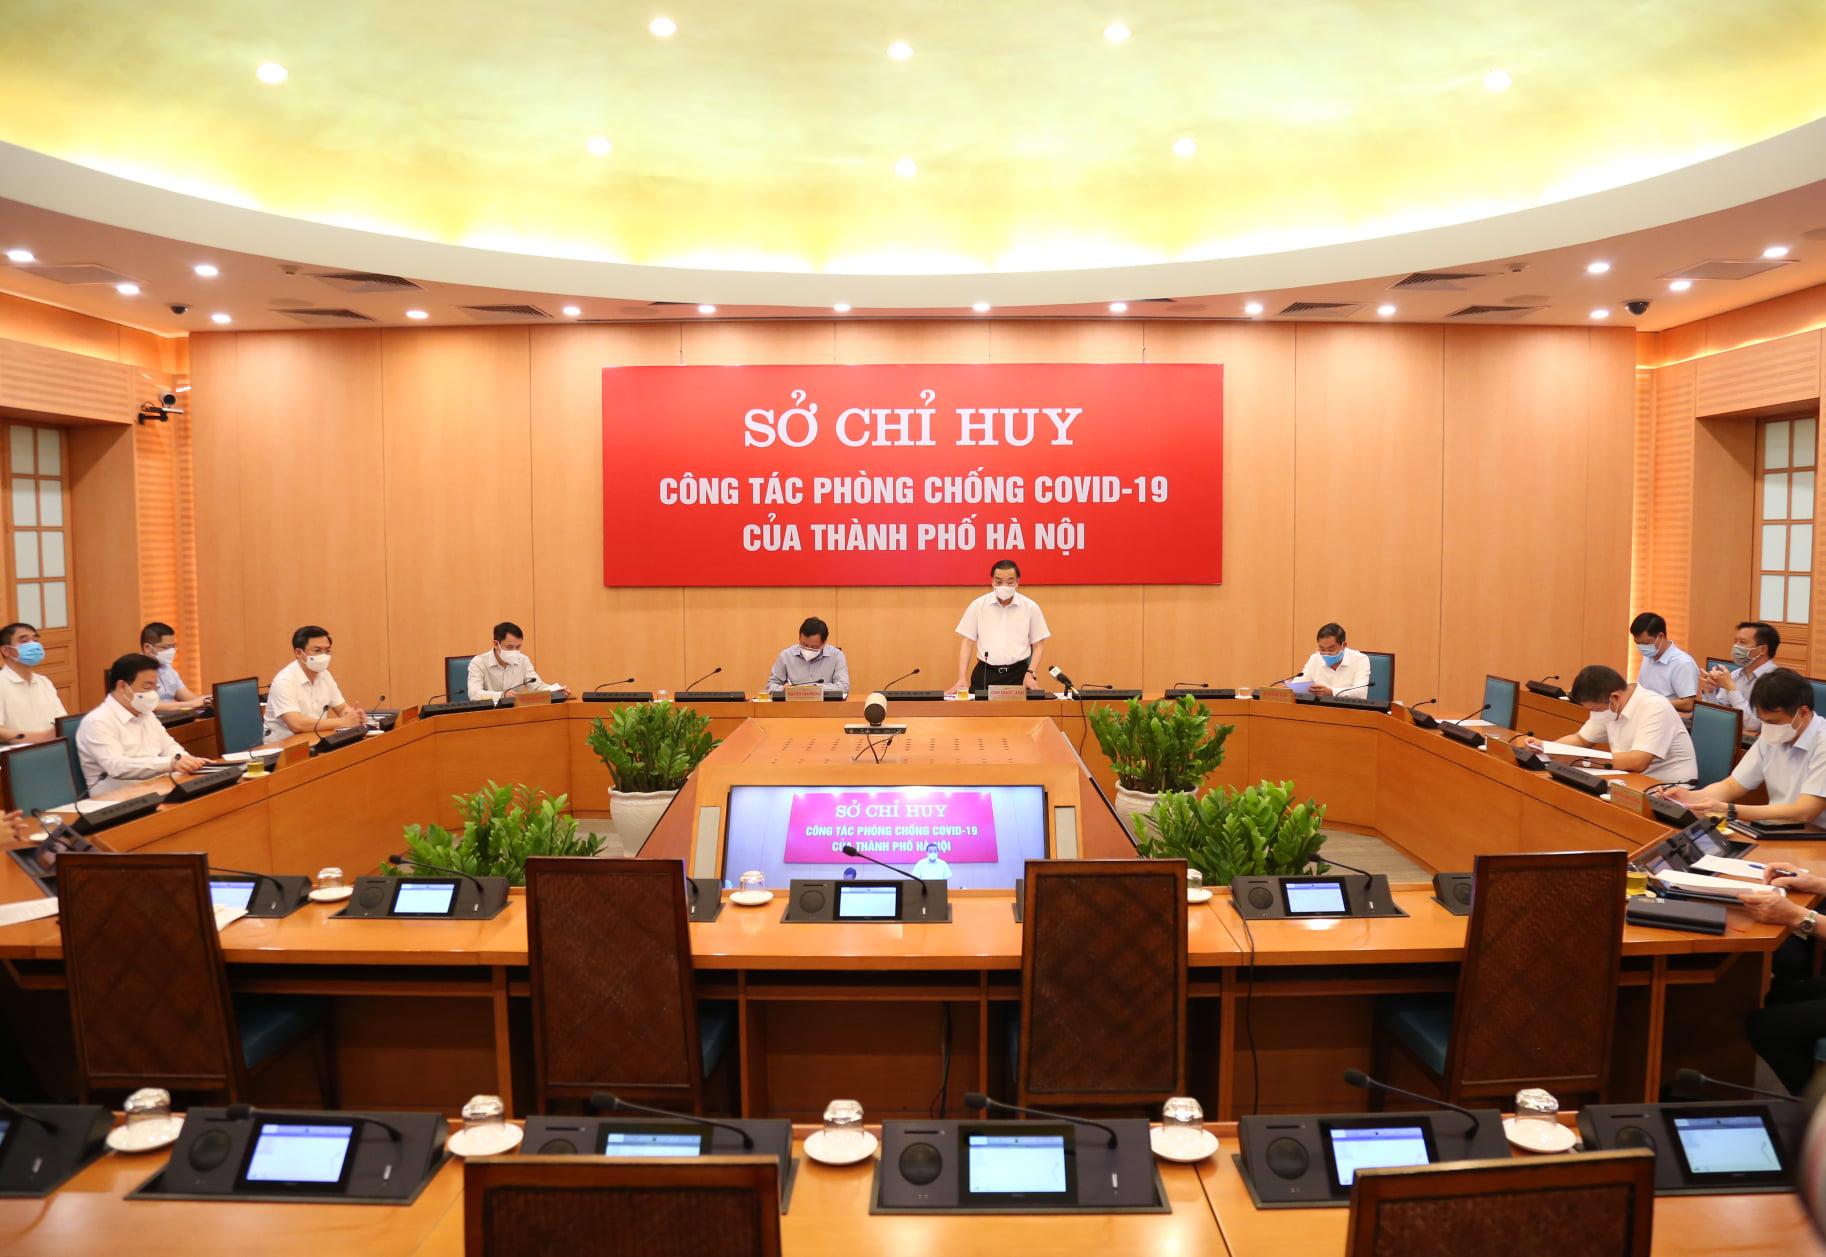 Chủ tịch Hà Nội: Áp dụng biện pháp mạnh hơn Chỉ thị số 17 đối với địa bàn có nguy cơ cao - Ảnh 3.